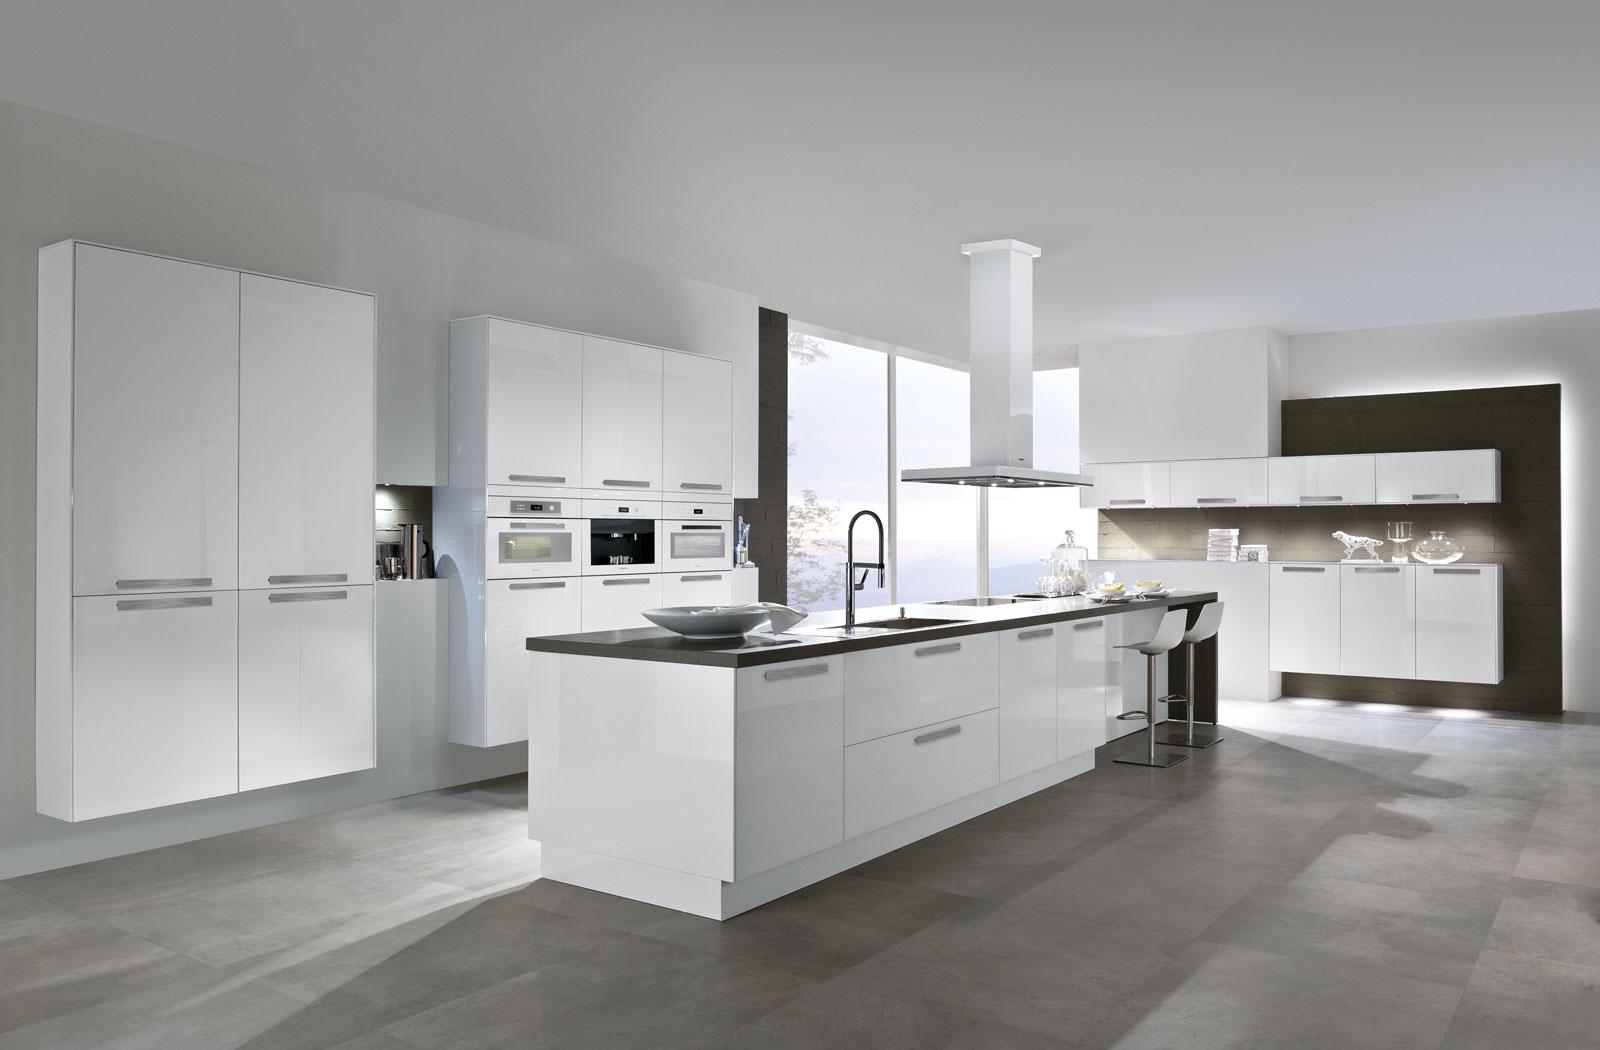 kuchen khlschrank kuchen khlschrank with kuchen. Black Bedroom Furniture Sets. Home Design Ideas